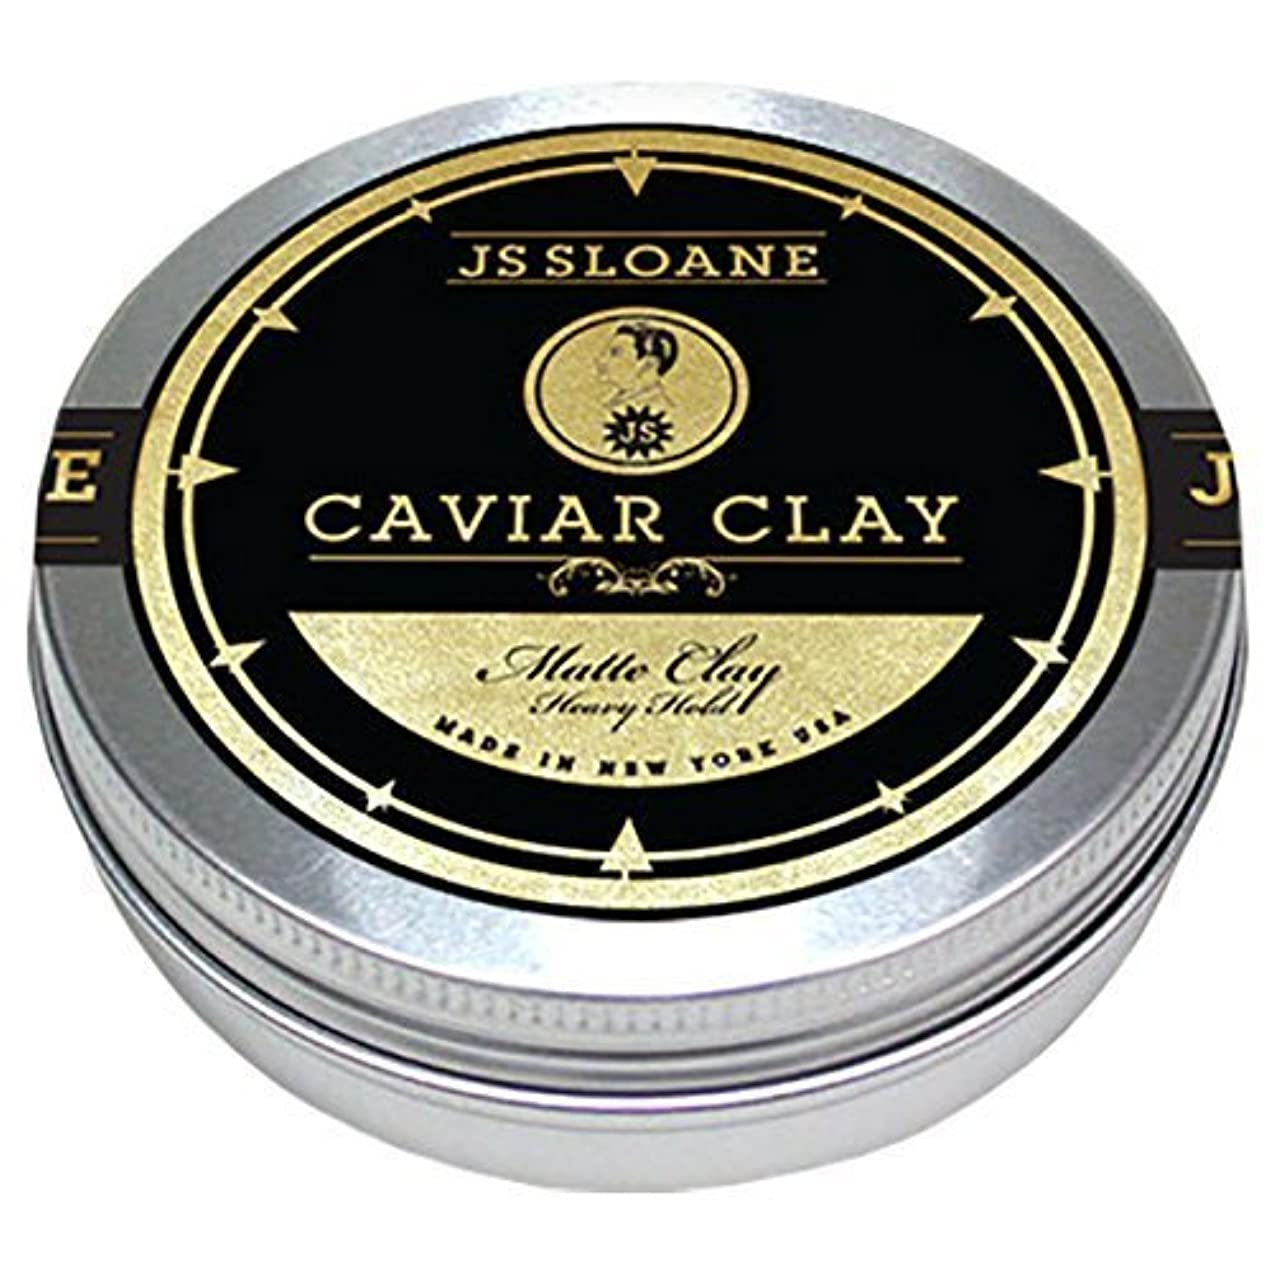 アピール子猫信じるジェイエススローン(JS Sloane) マットクレイポマード (MATTE CAVIAR CLAY POMADE) メンズ 整髪料 ヘアスタイリング剤 水性 ヘアグリース ツヤなし ストロングホールド